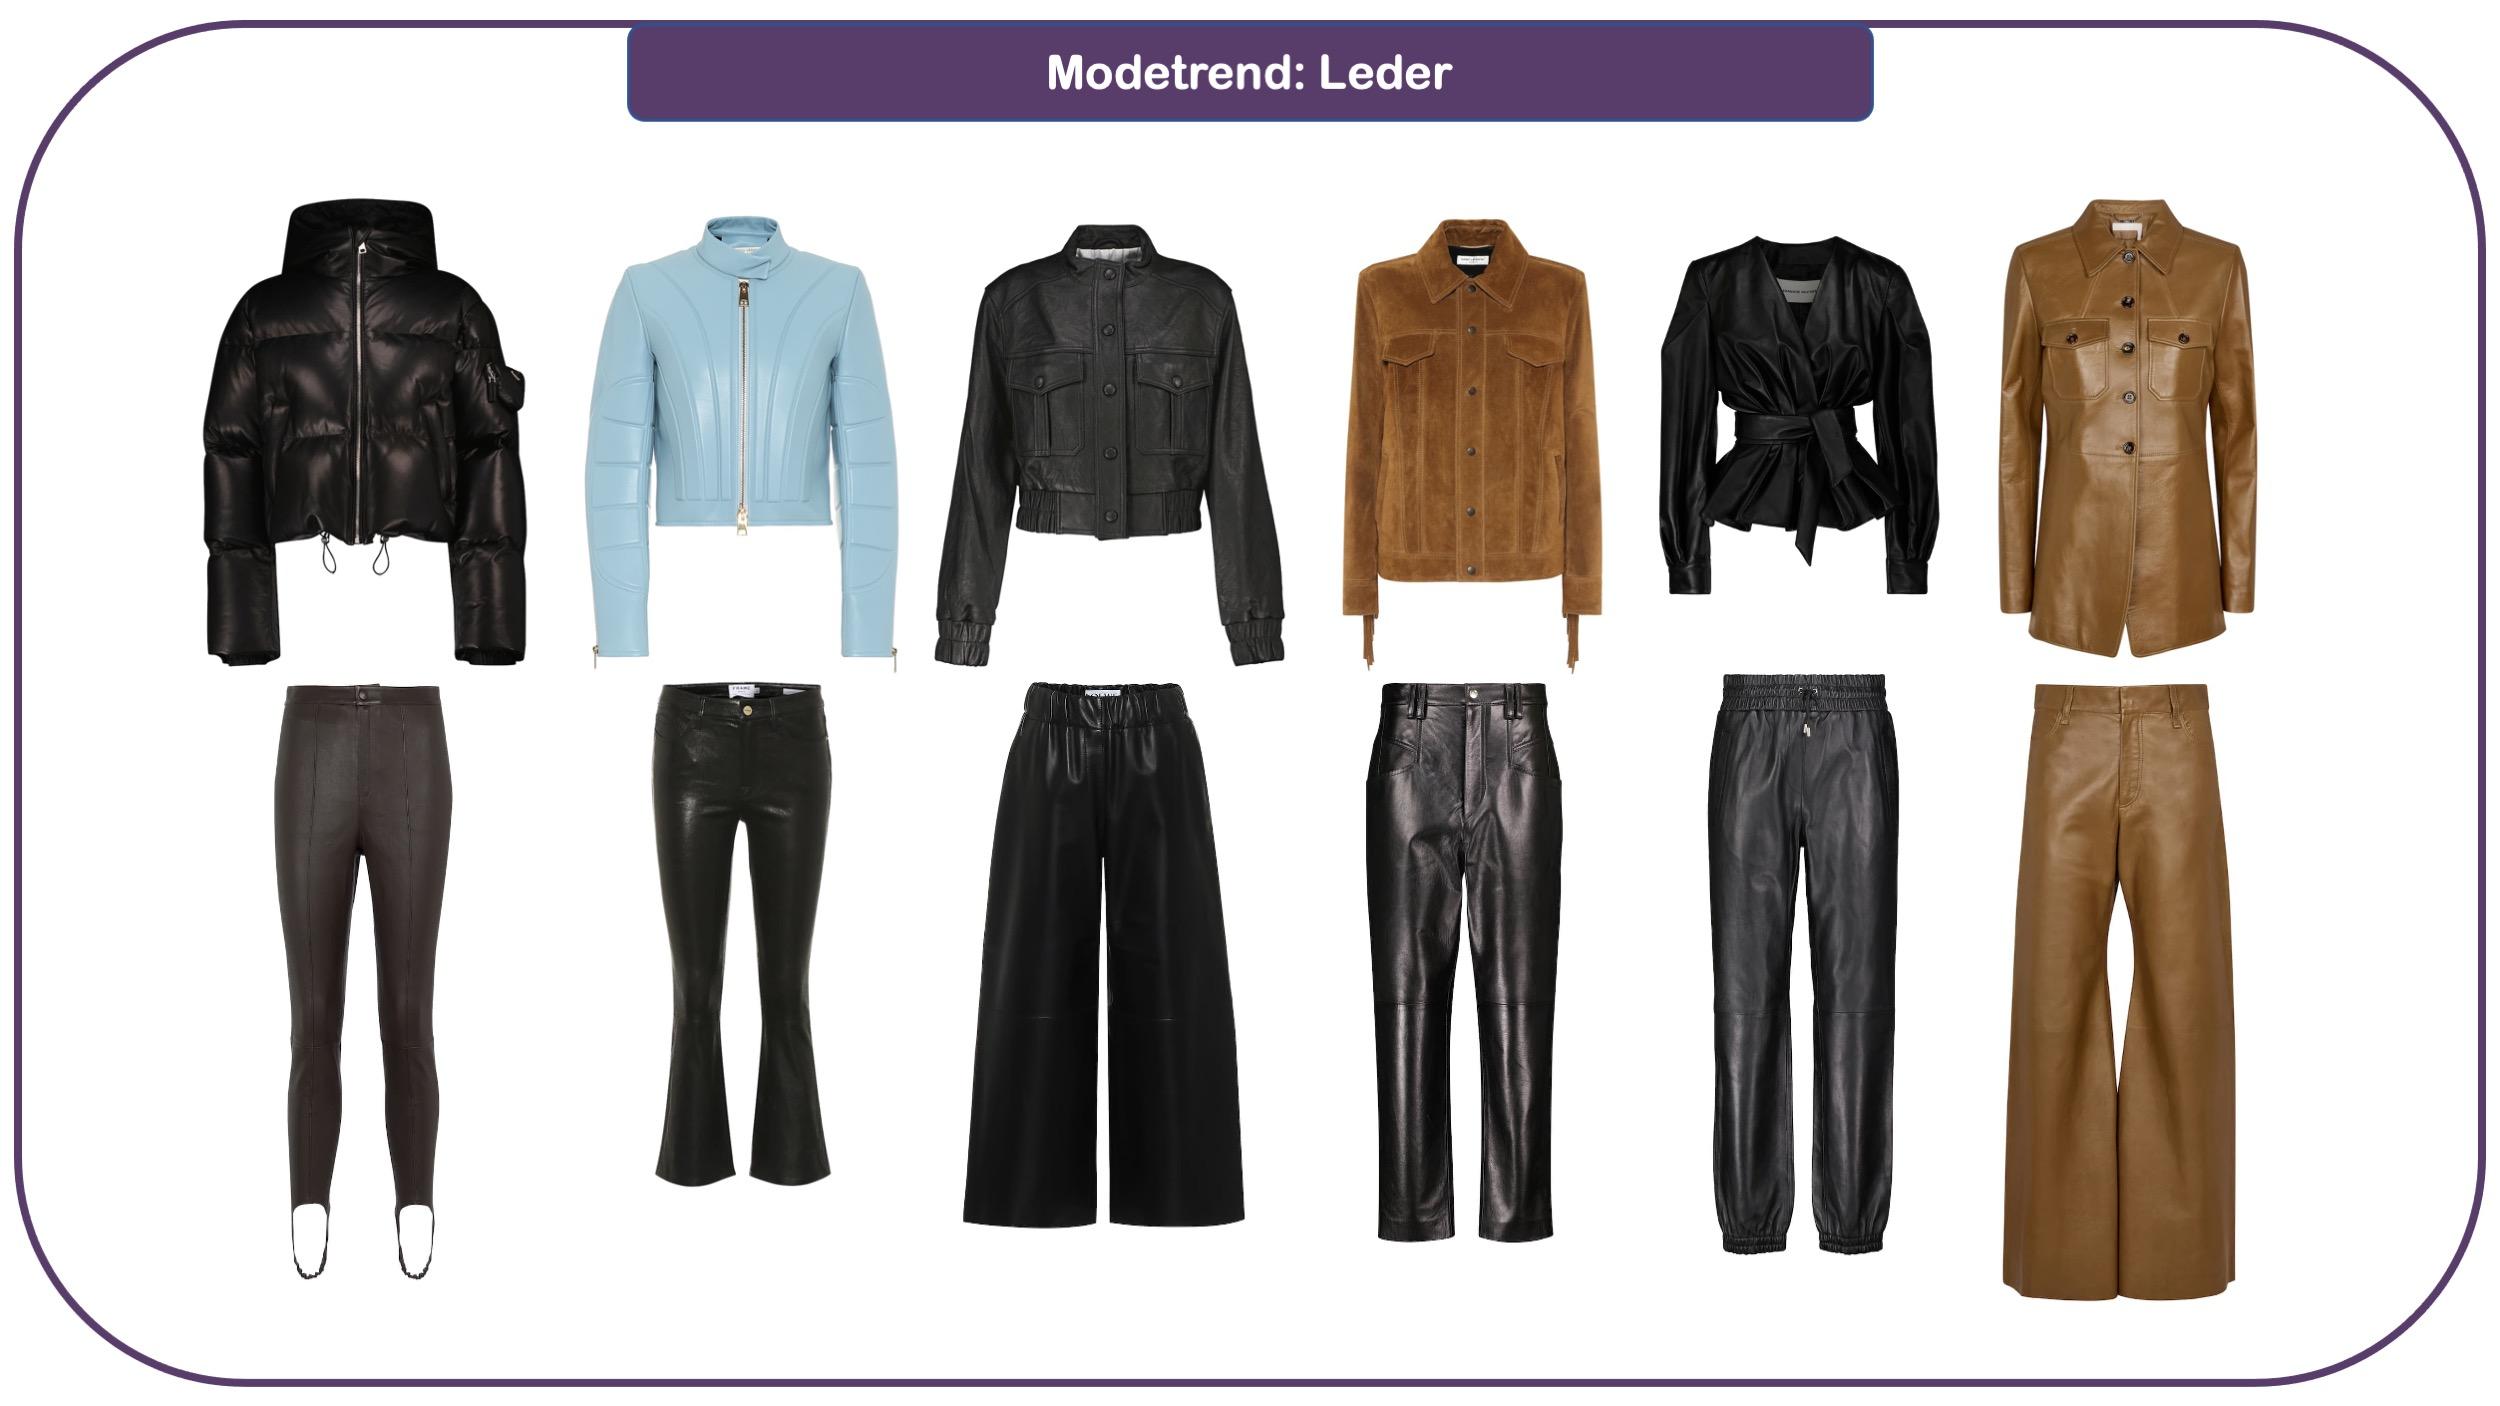 Modetrends für Herbst und Winter 2021/22: Leder